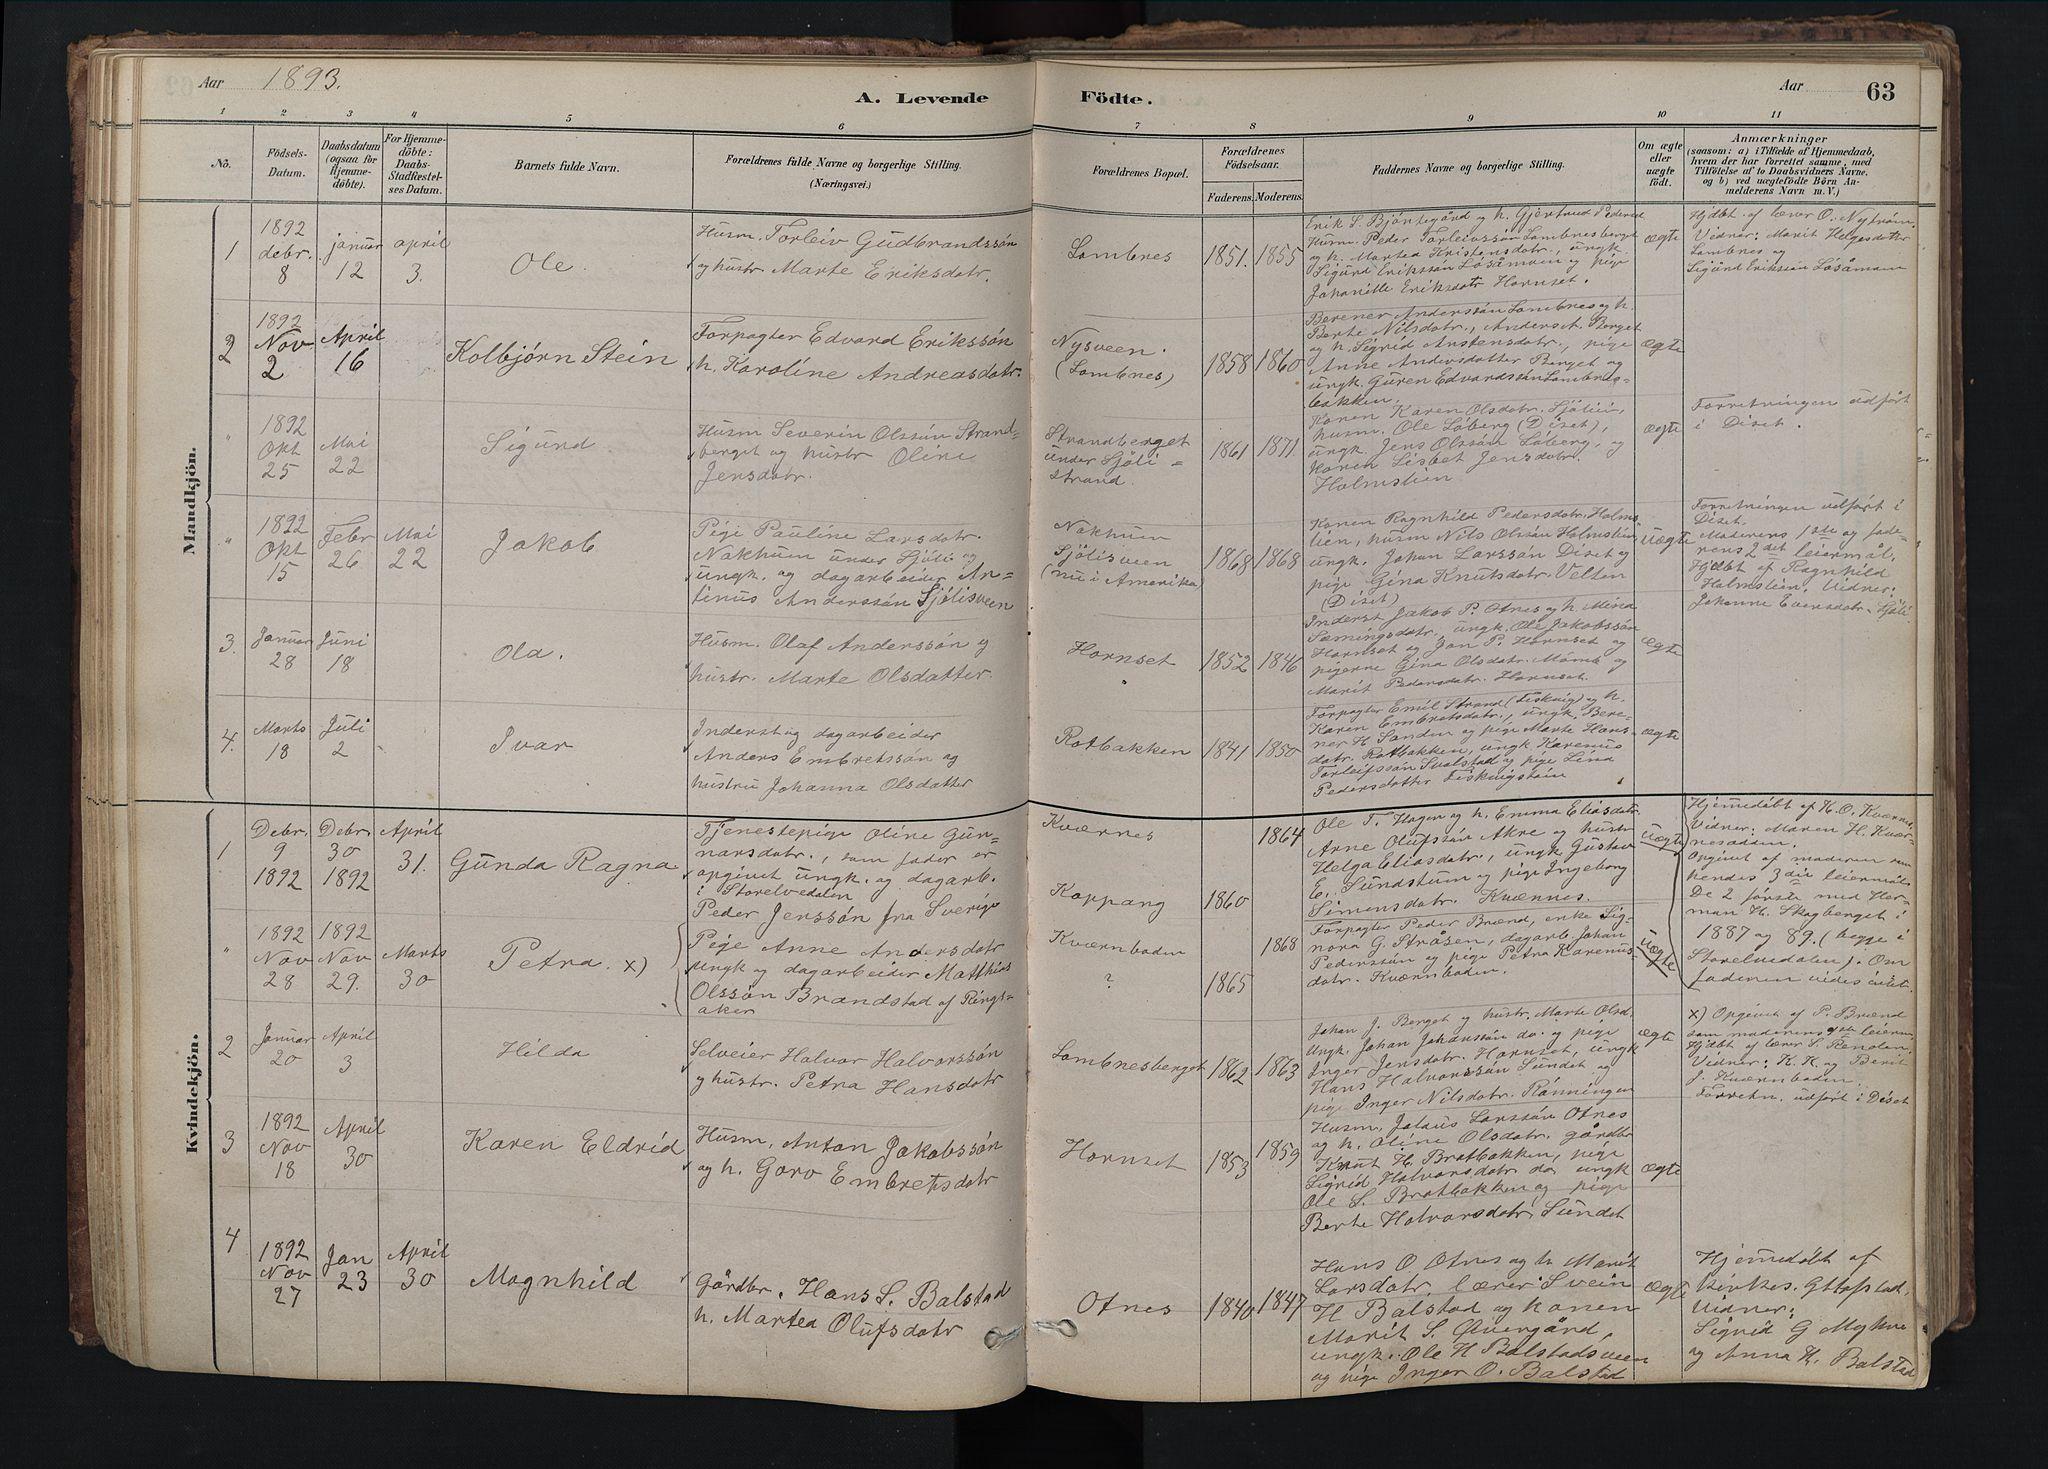 SAH, Rendalen prestekontor, H/Ha/Hab/L0009: Klokkerbok nr. 9, 1879-1902, s. 63